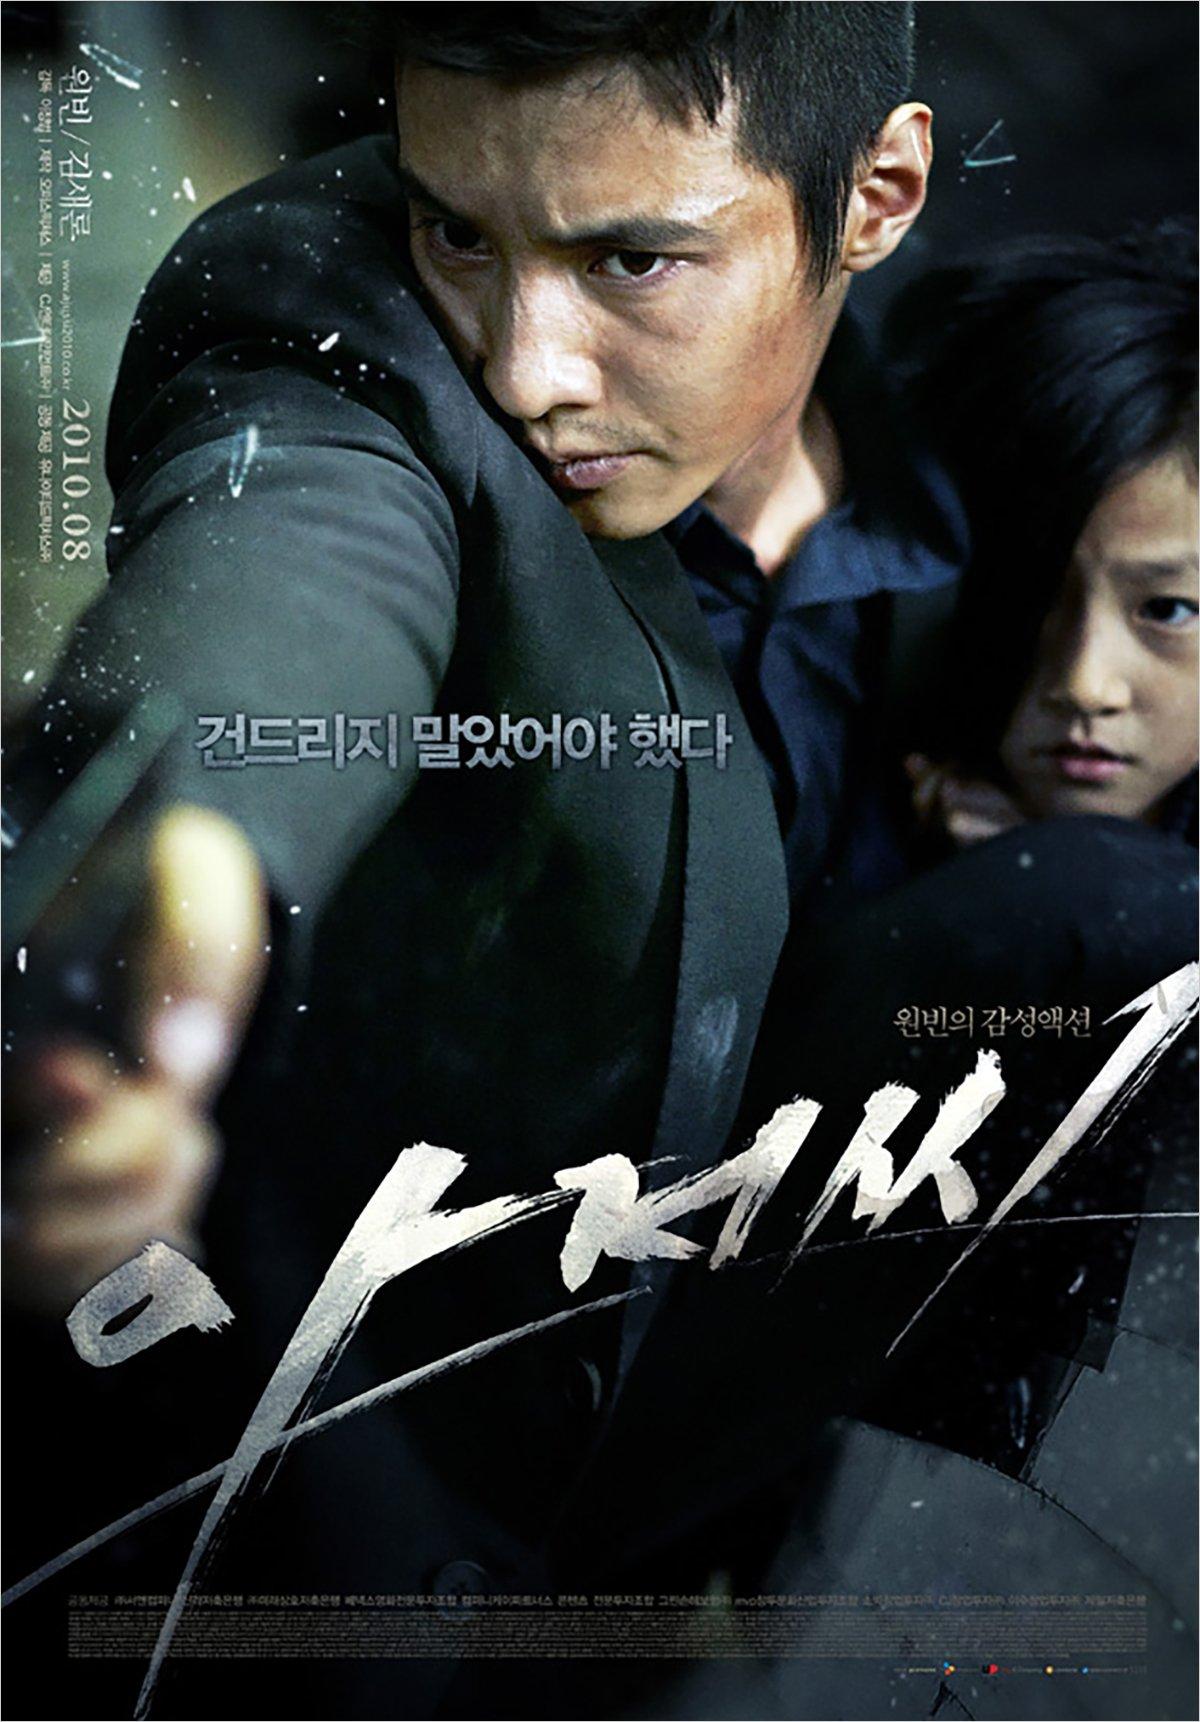 movie_image_(8)